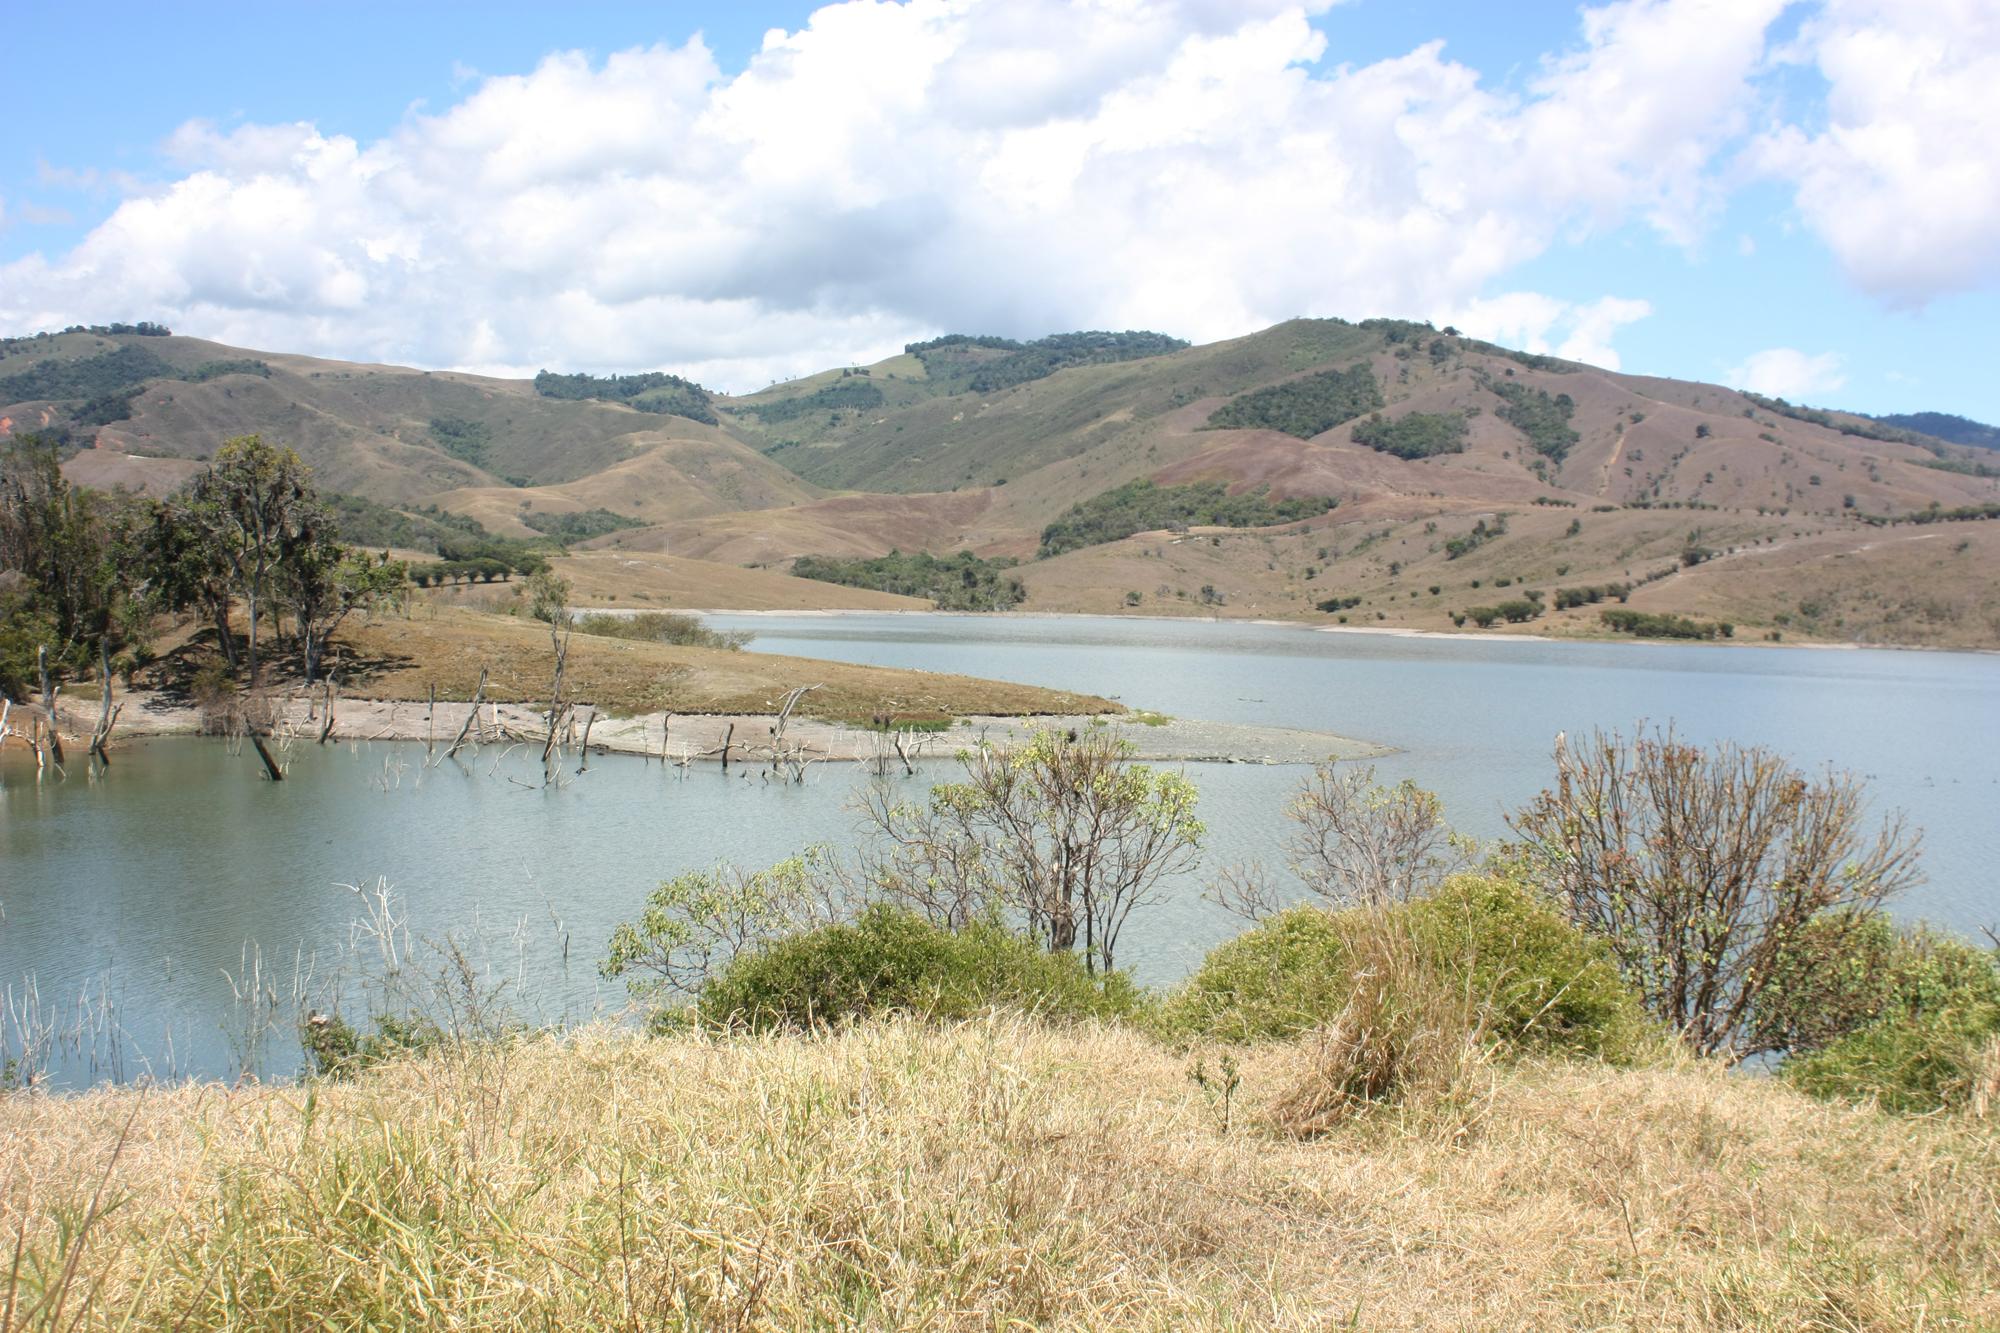 El Valle tendrá temperaturas superiores a los 33 grados en julio y agosto